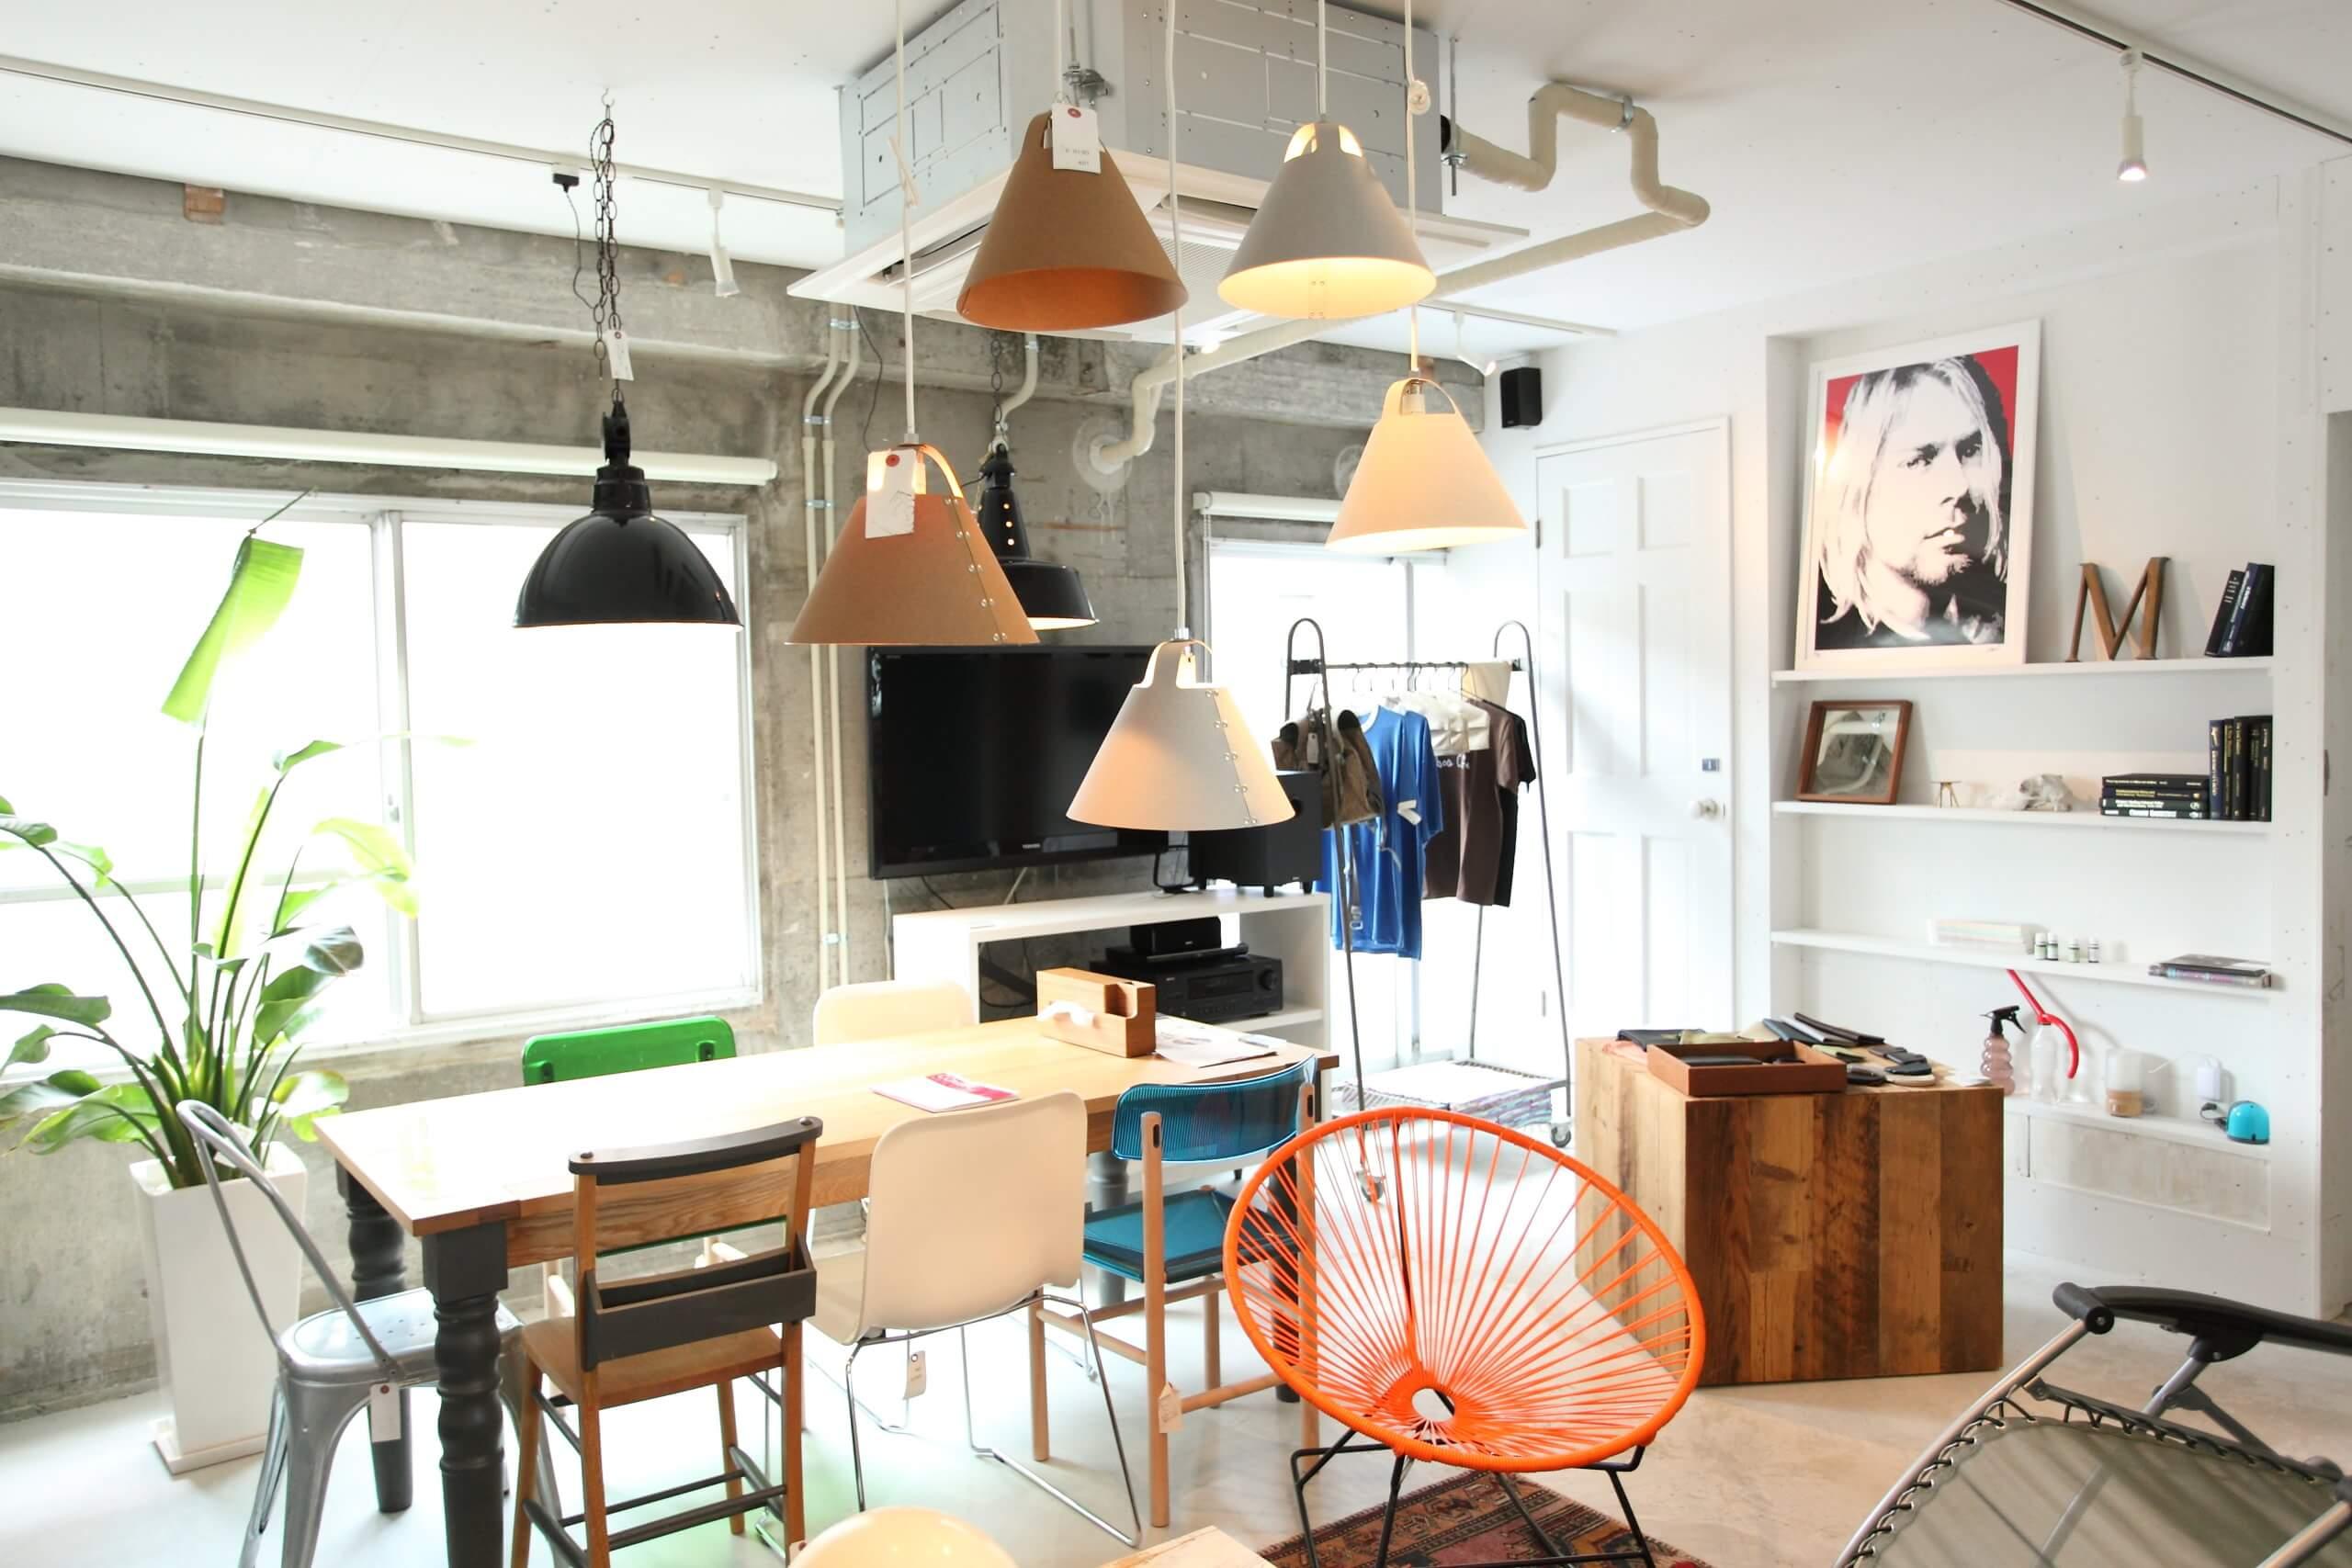 IMG_2928-scaled 店舗デザインってどんな意味?紹介します